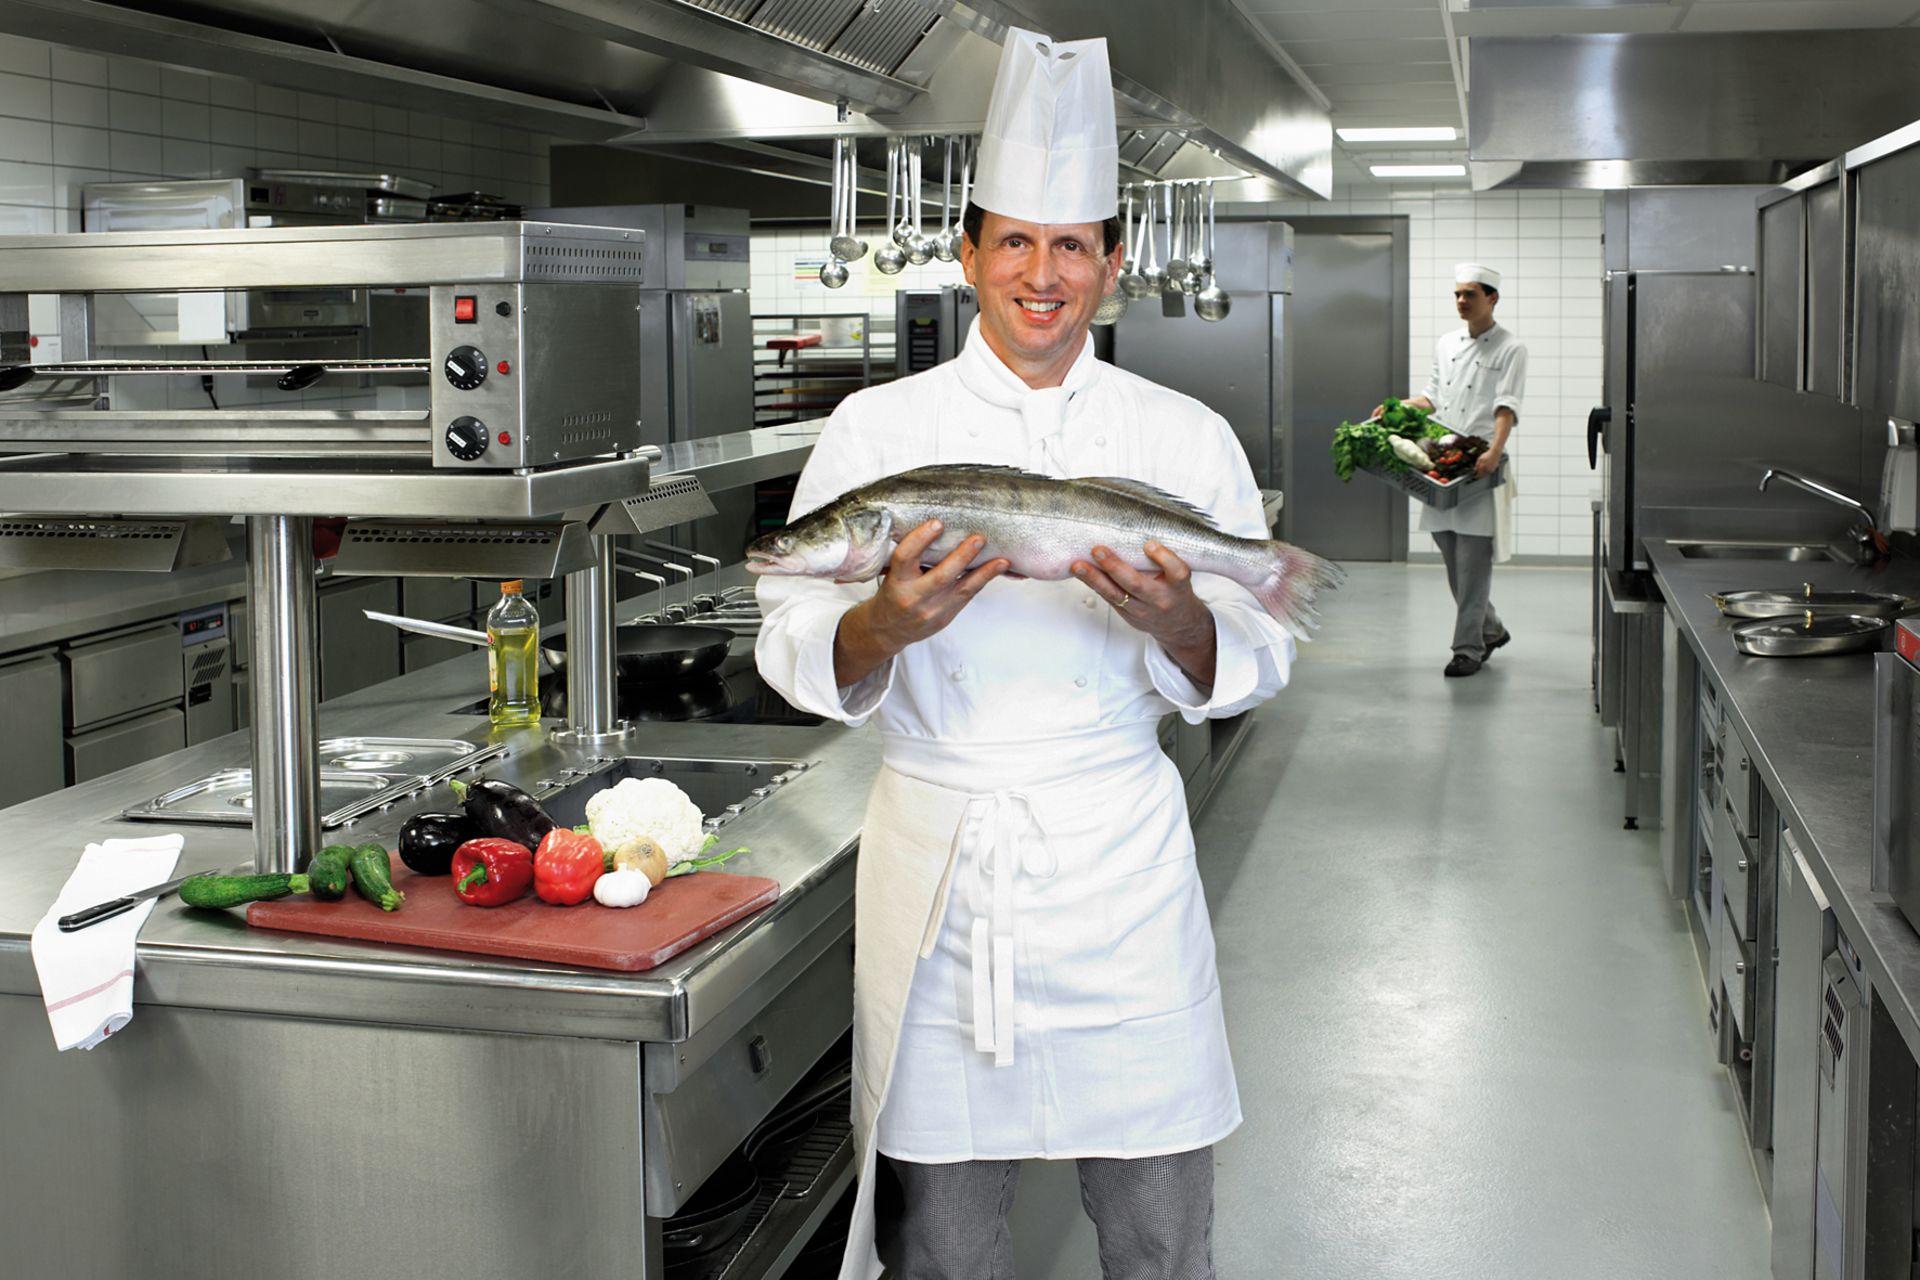 Chefkoch in der Hotel-Küche hält einen Fisch in der Hand